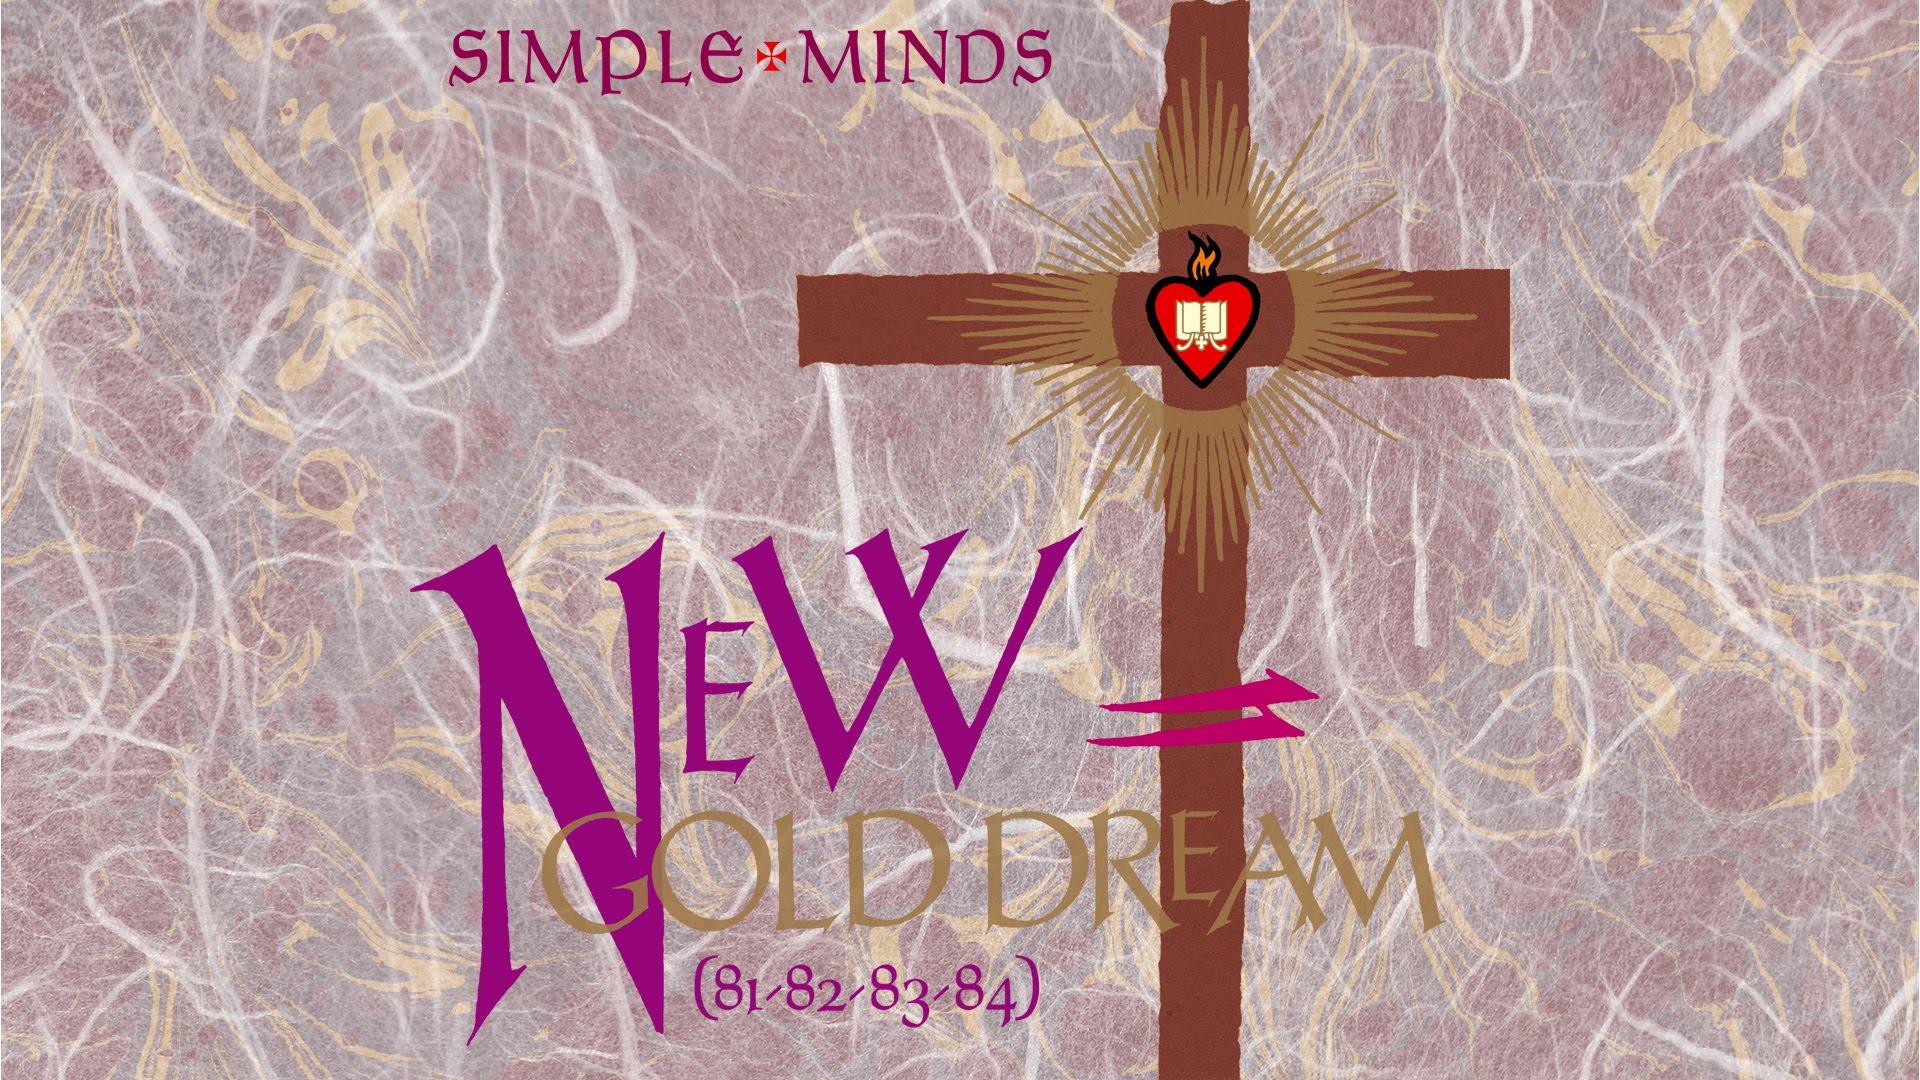 """""""New Gold Dream (81-82-83-84)"""""""